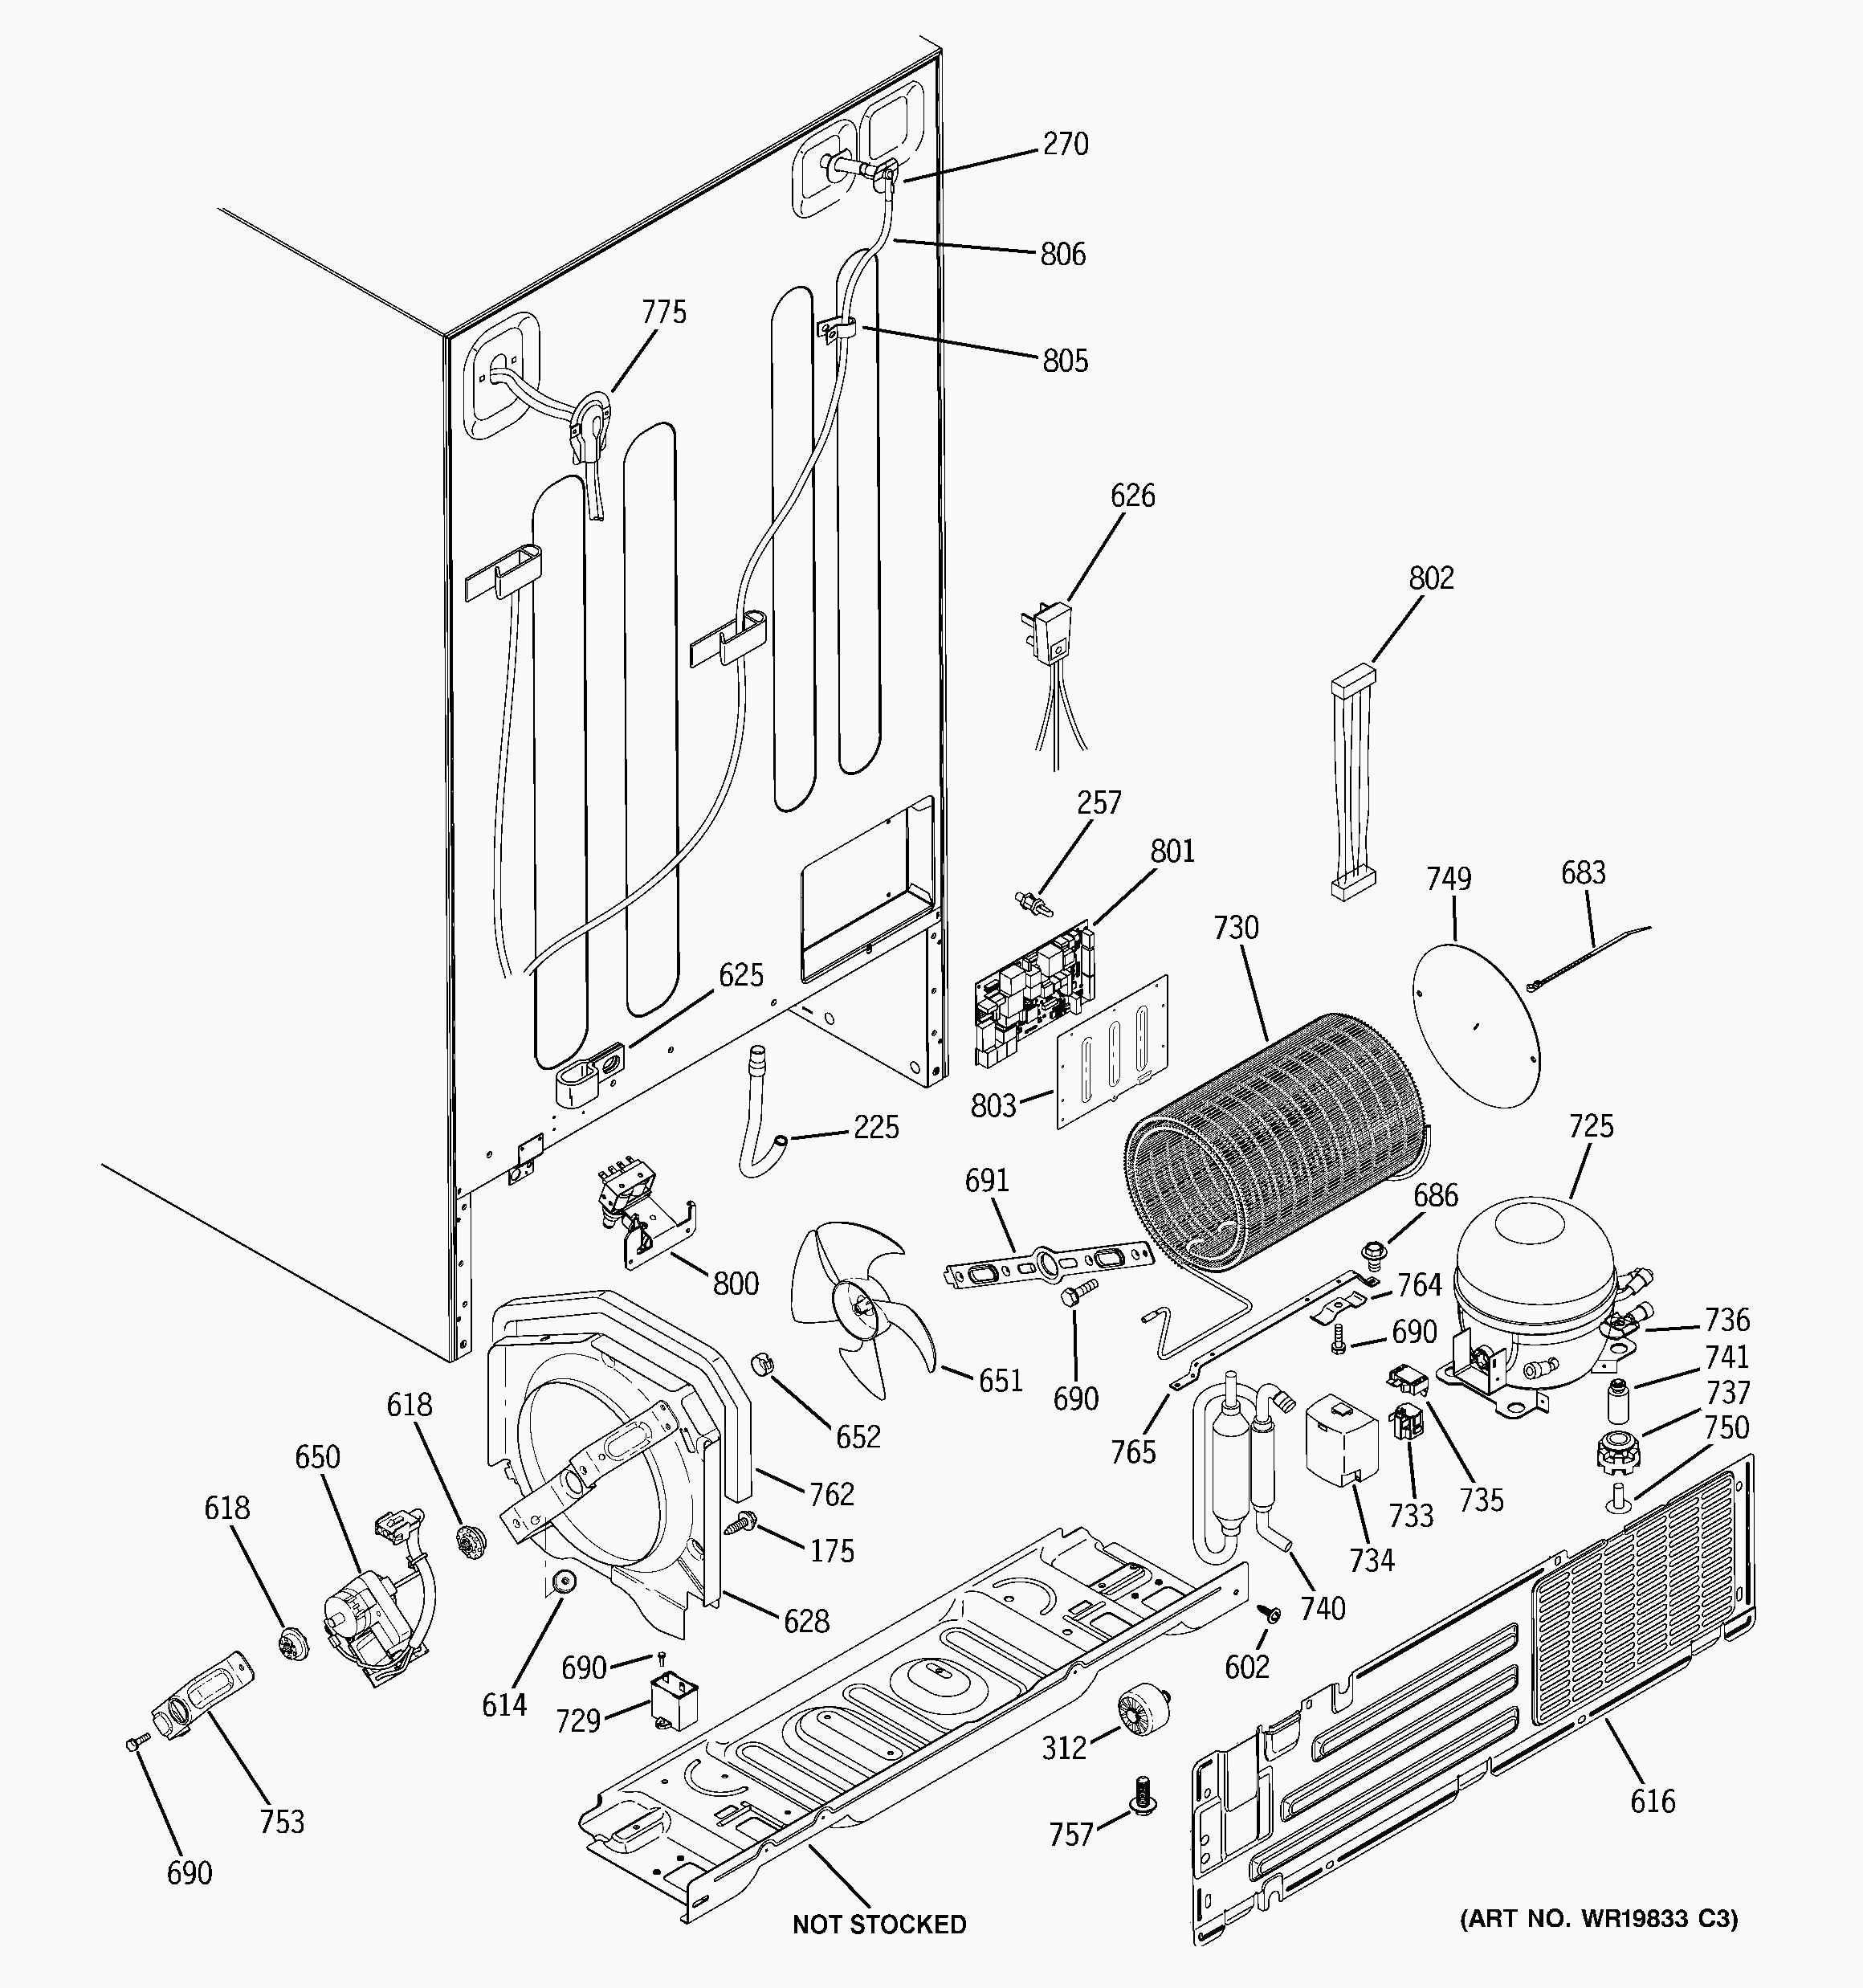 Ge Monogram Refrigerator Parts Diagram 23 Elegant Ge Monogram Refrigerator Parts Ines Style Of Ge Monogram Refrigerator Parts Diagram